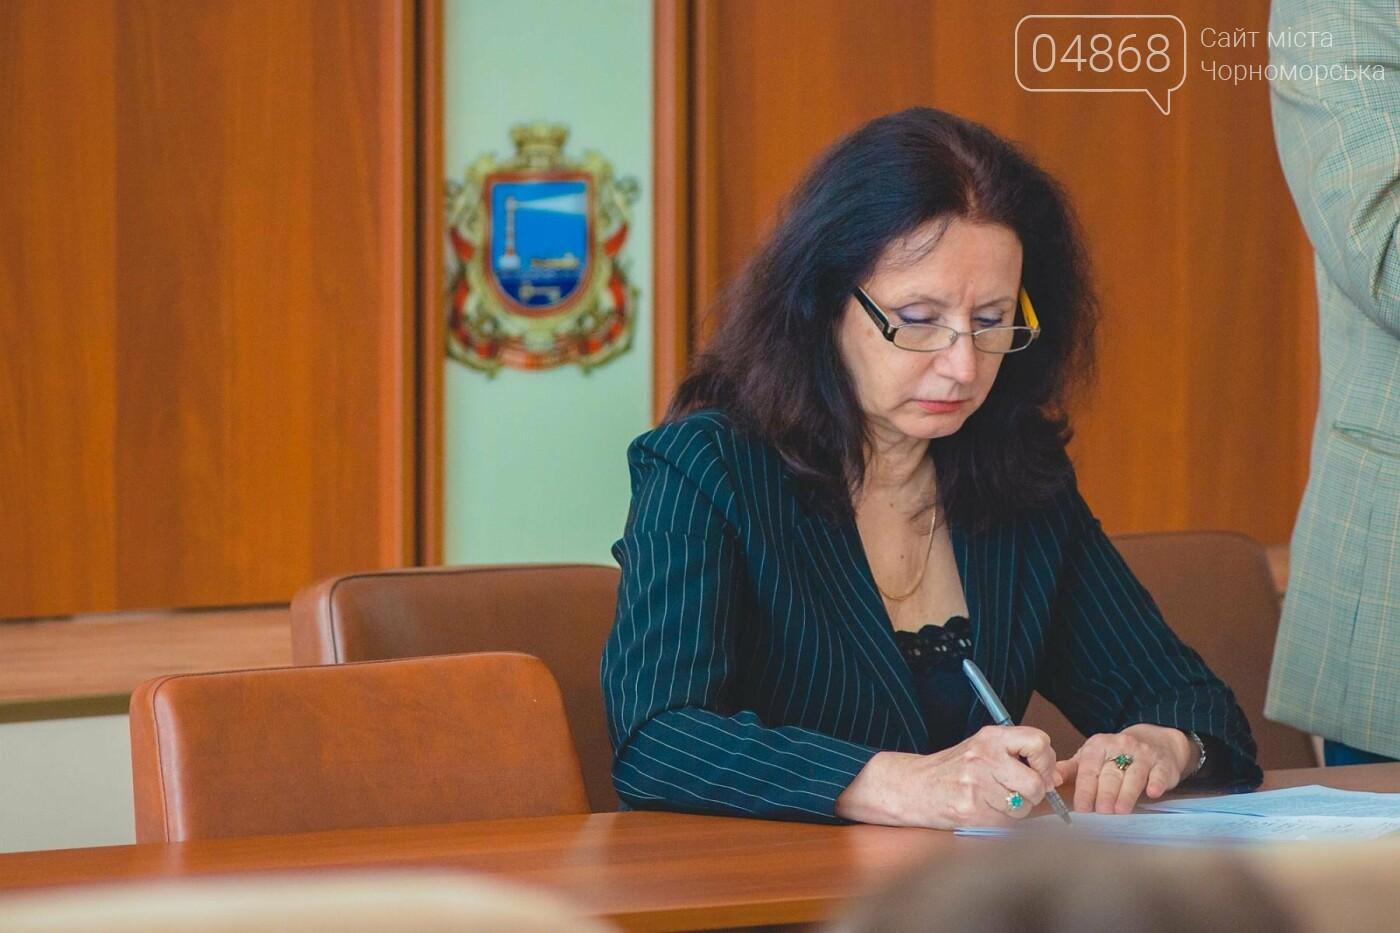 Предпринимателям Черноморска напомнили о новых правилах благоустройства, фото-11